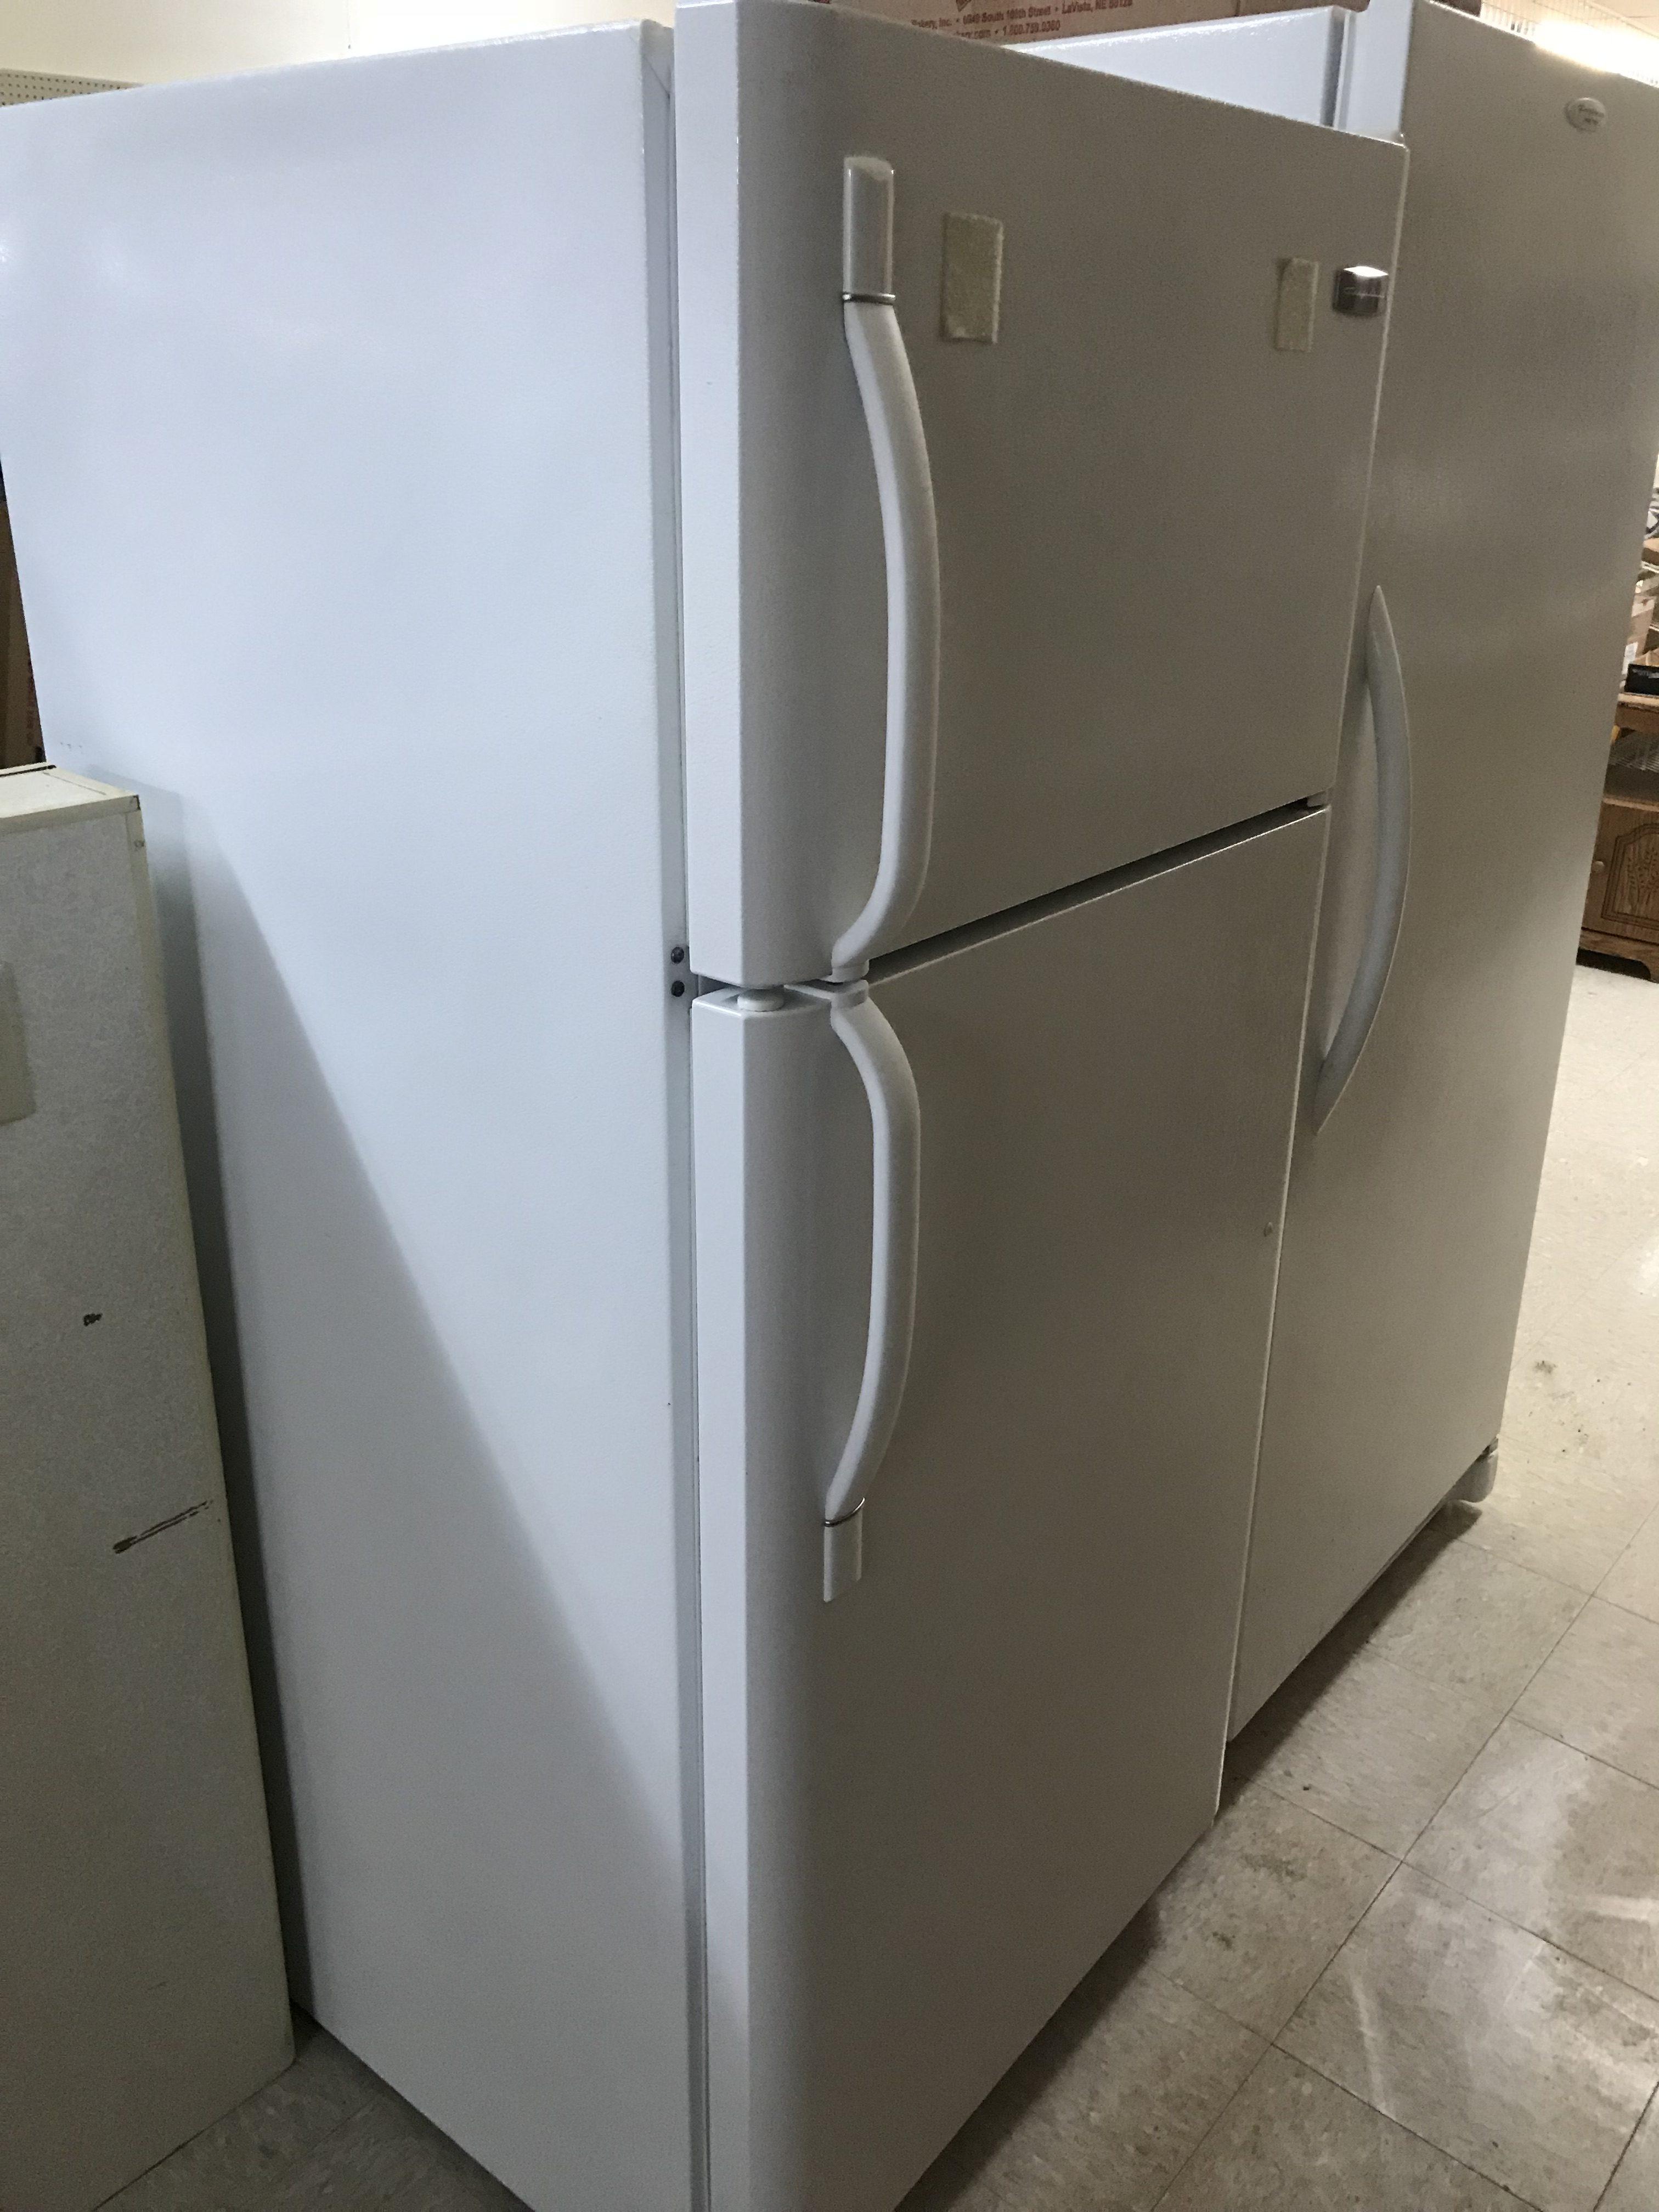 Fridigaire-Refrigerator.1-e1519071760494.jpg